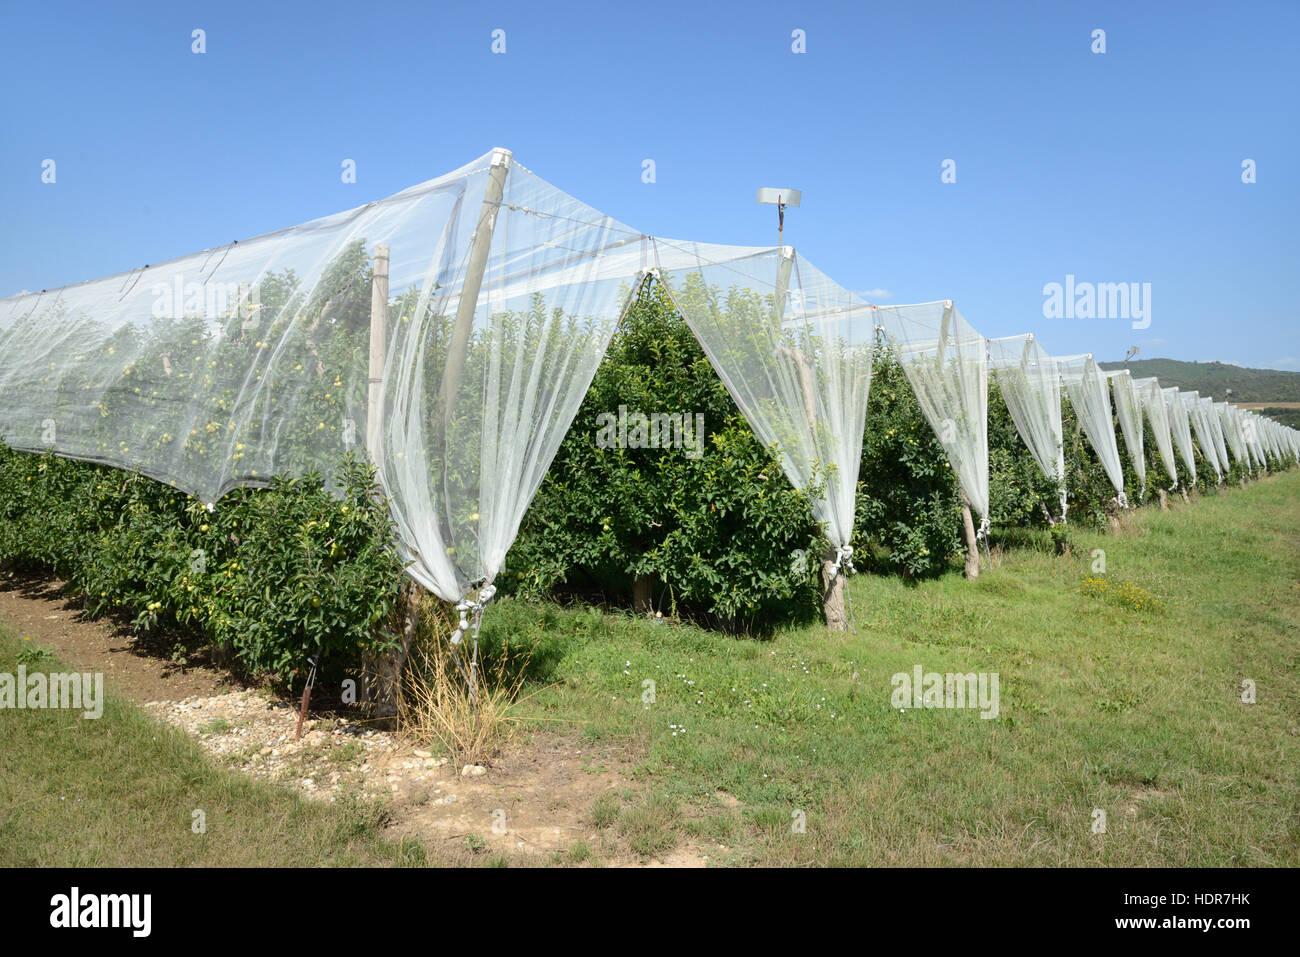 Filets de protection des cultures pour garder les oiseaux au large de pommiers dans une zone de production intensive Photo Stock